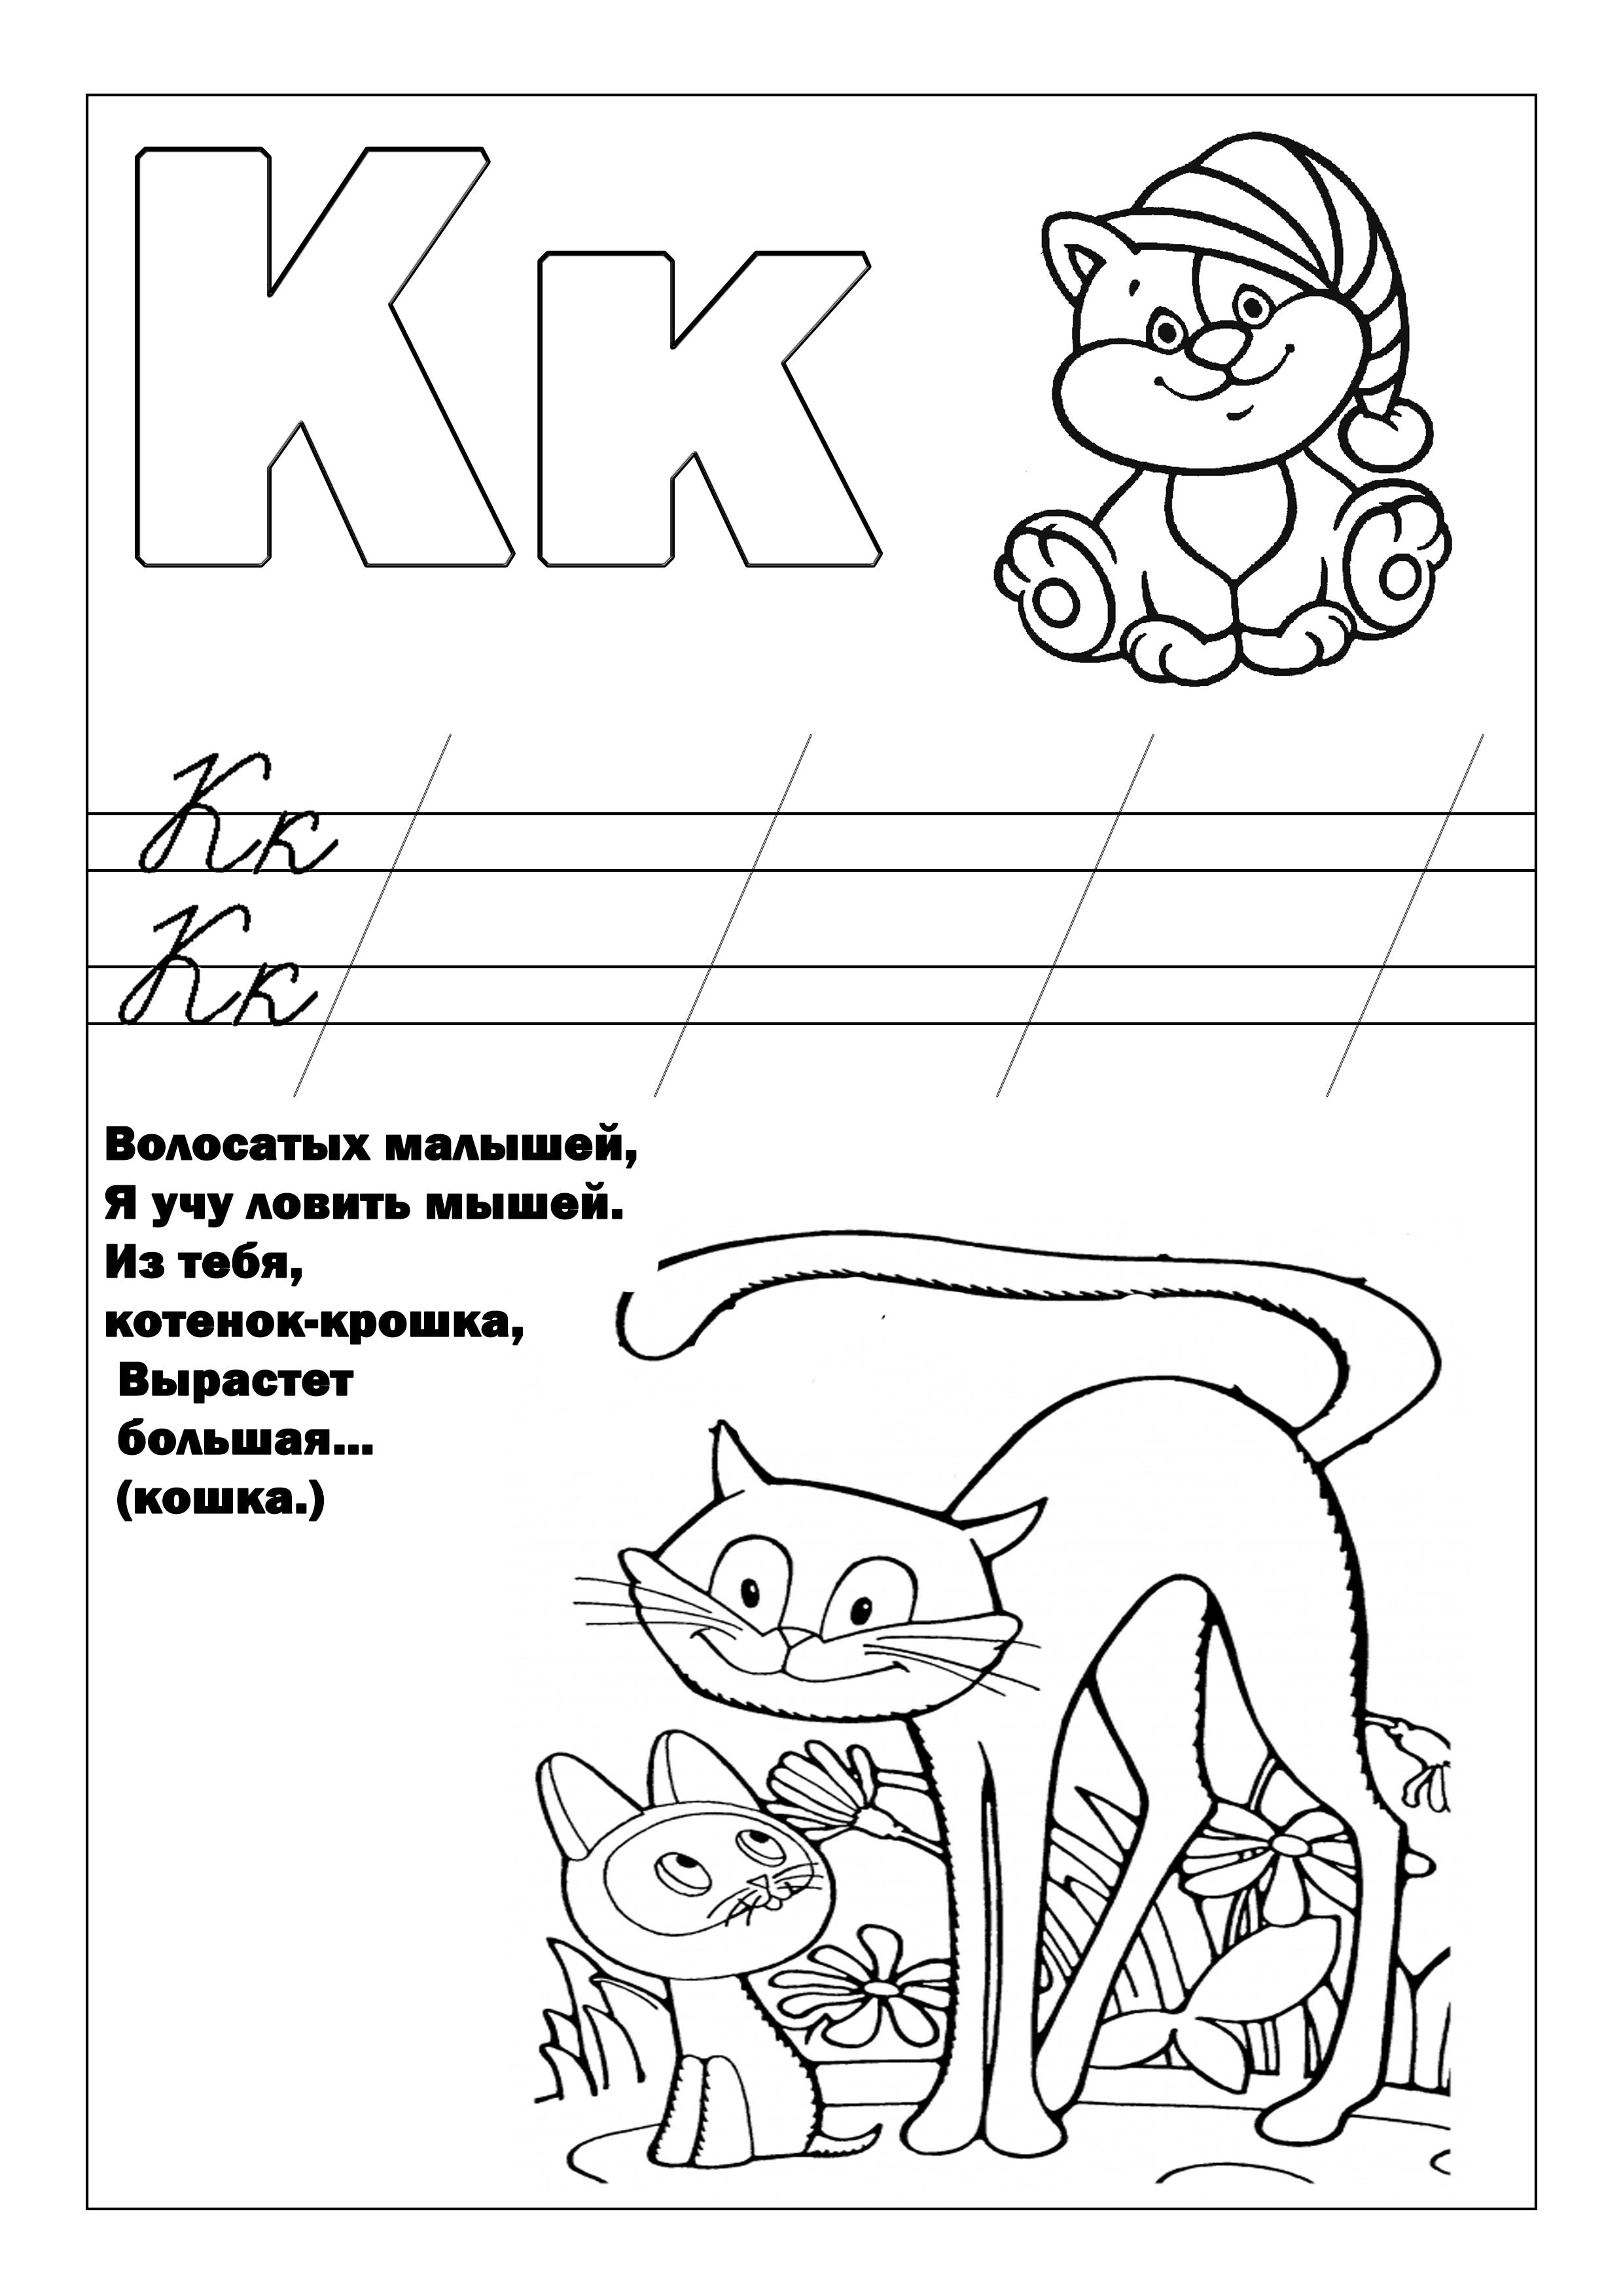 Буквы русского алфавита для распечатки в картинках 5